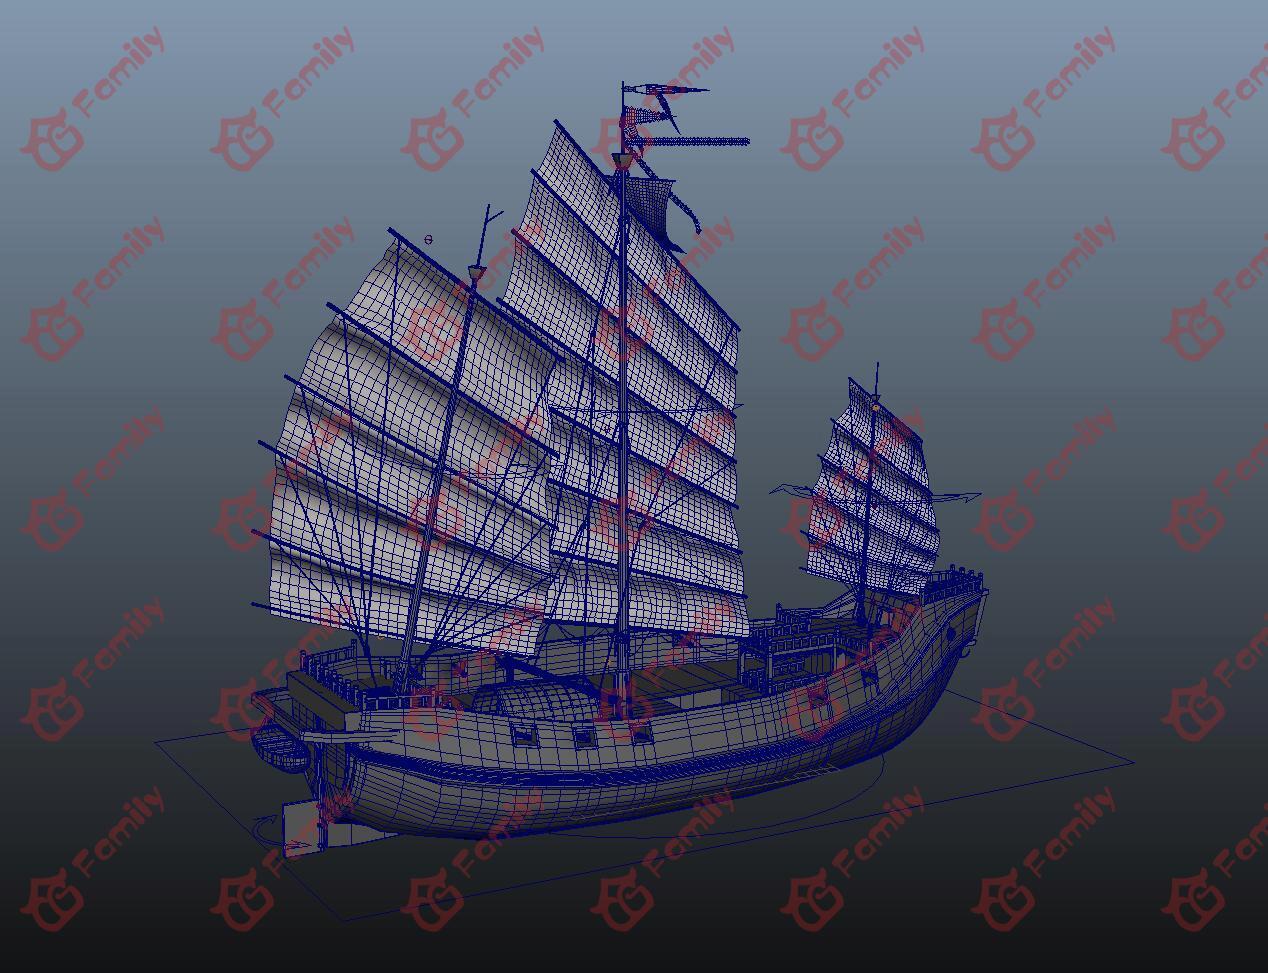 古代炮船 古代船只 古代运输 货船 海上丝绸之路 西洋船 中国古代船 中国船